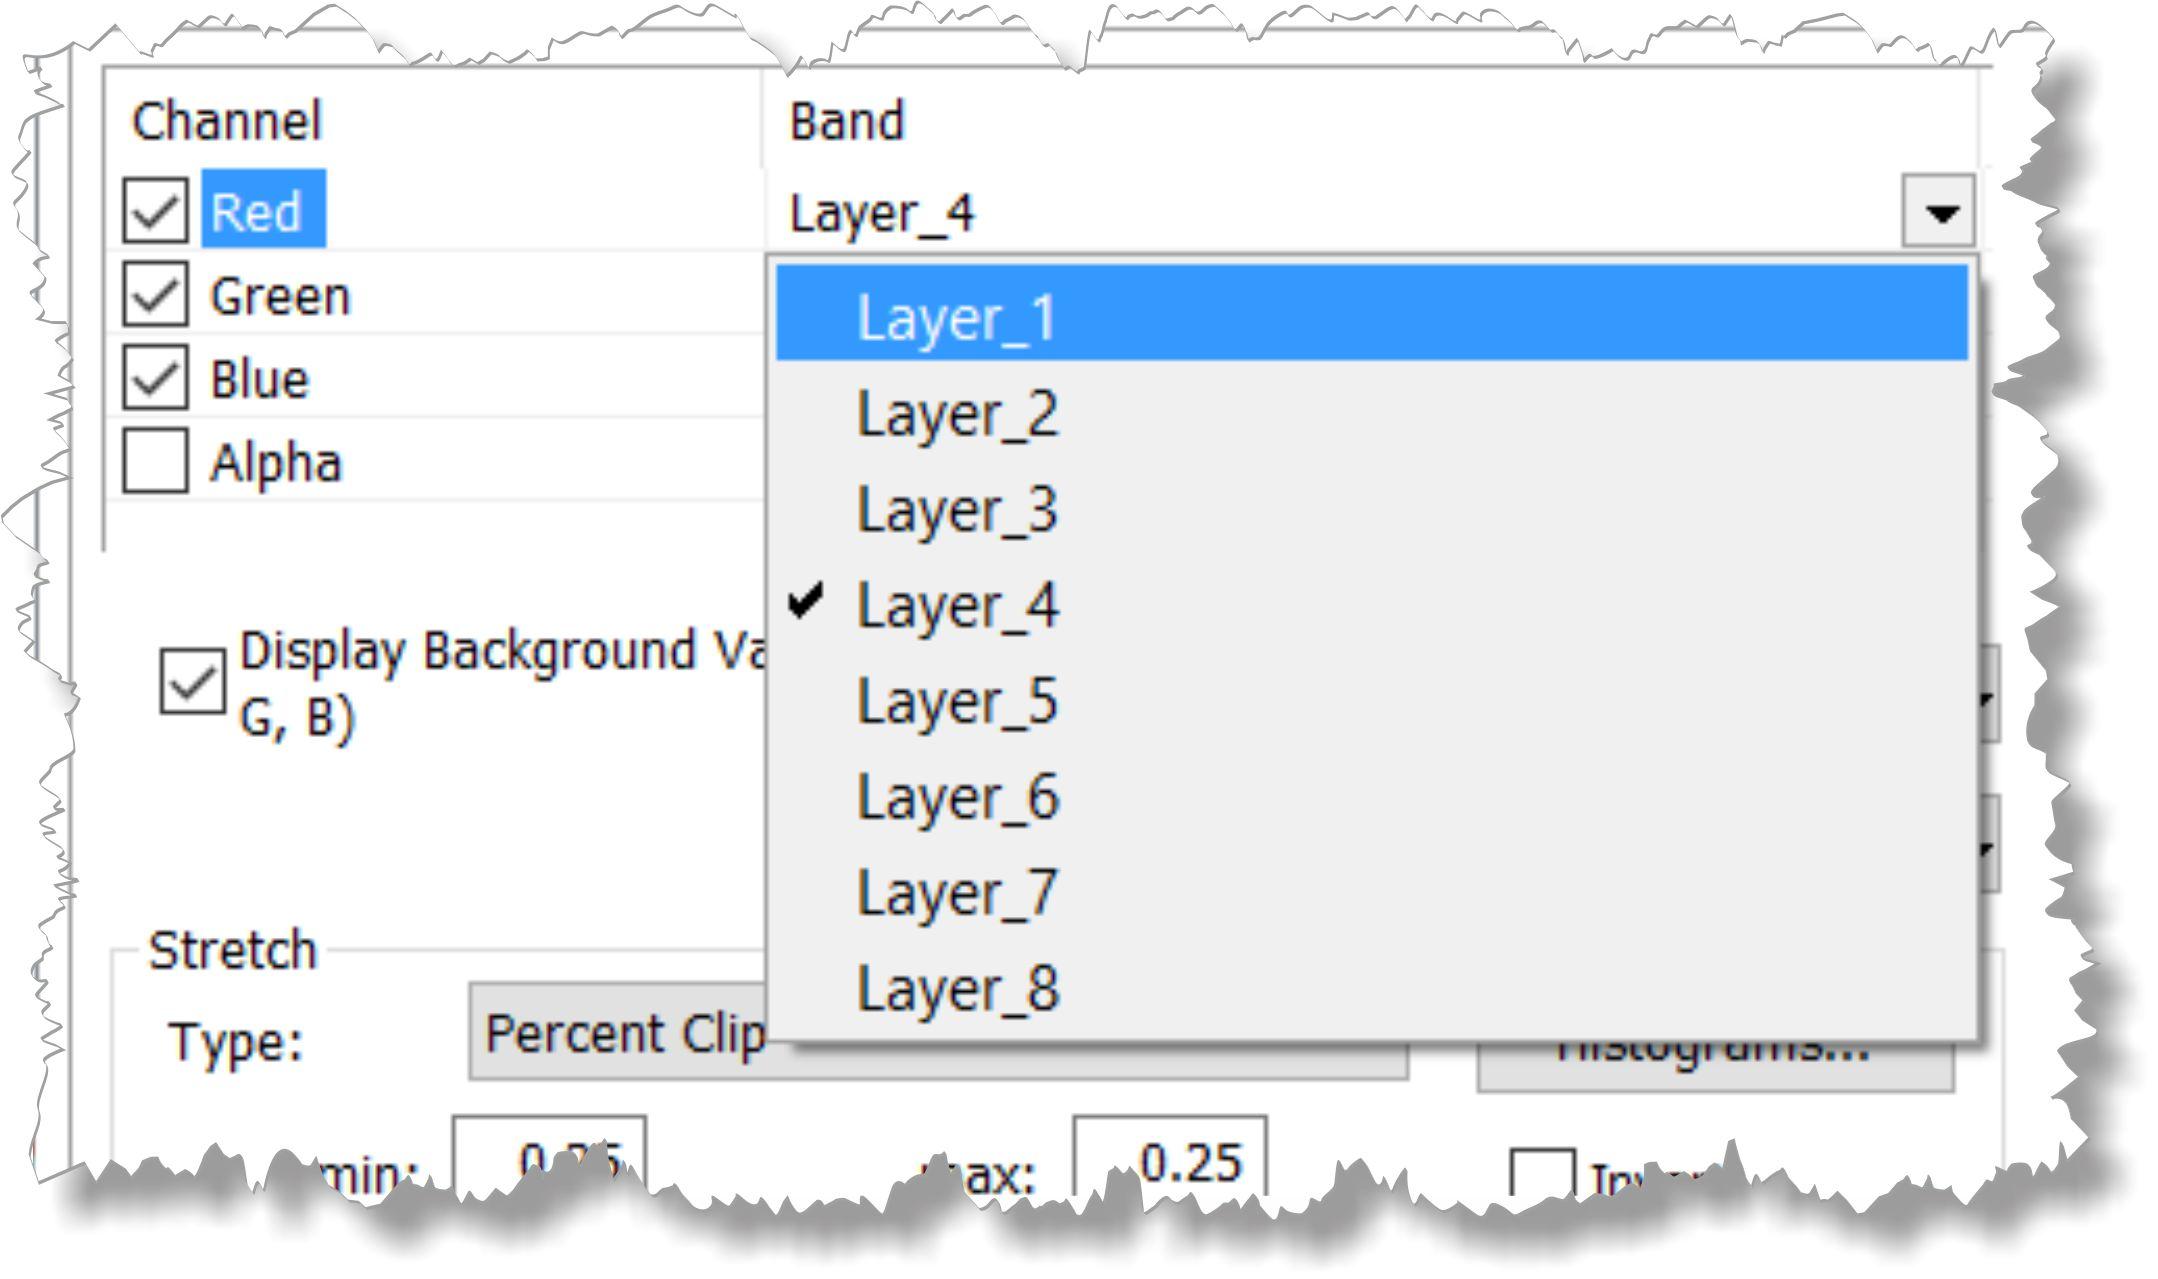 artigo 21 Artigo: Decifrando a ferramenta Composite Bands do ArcGIS